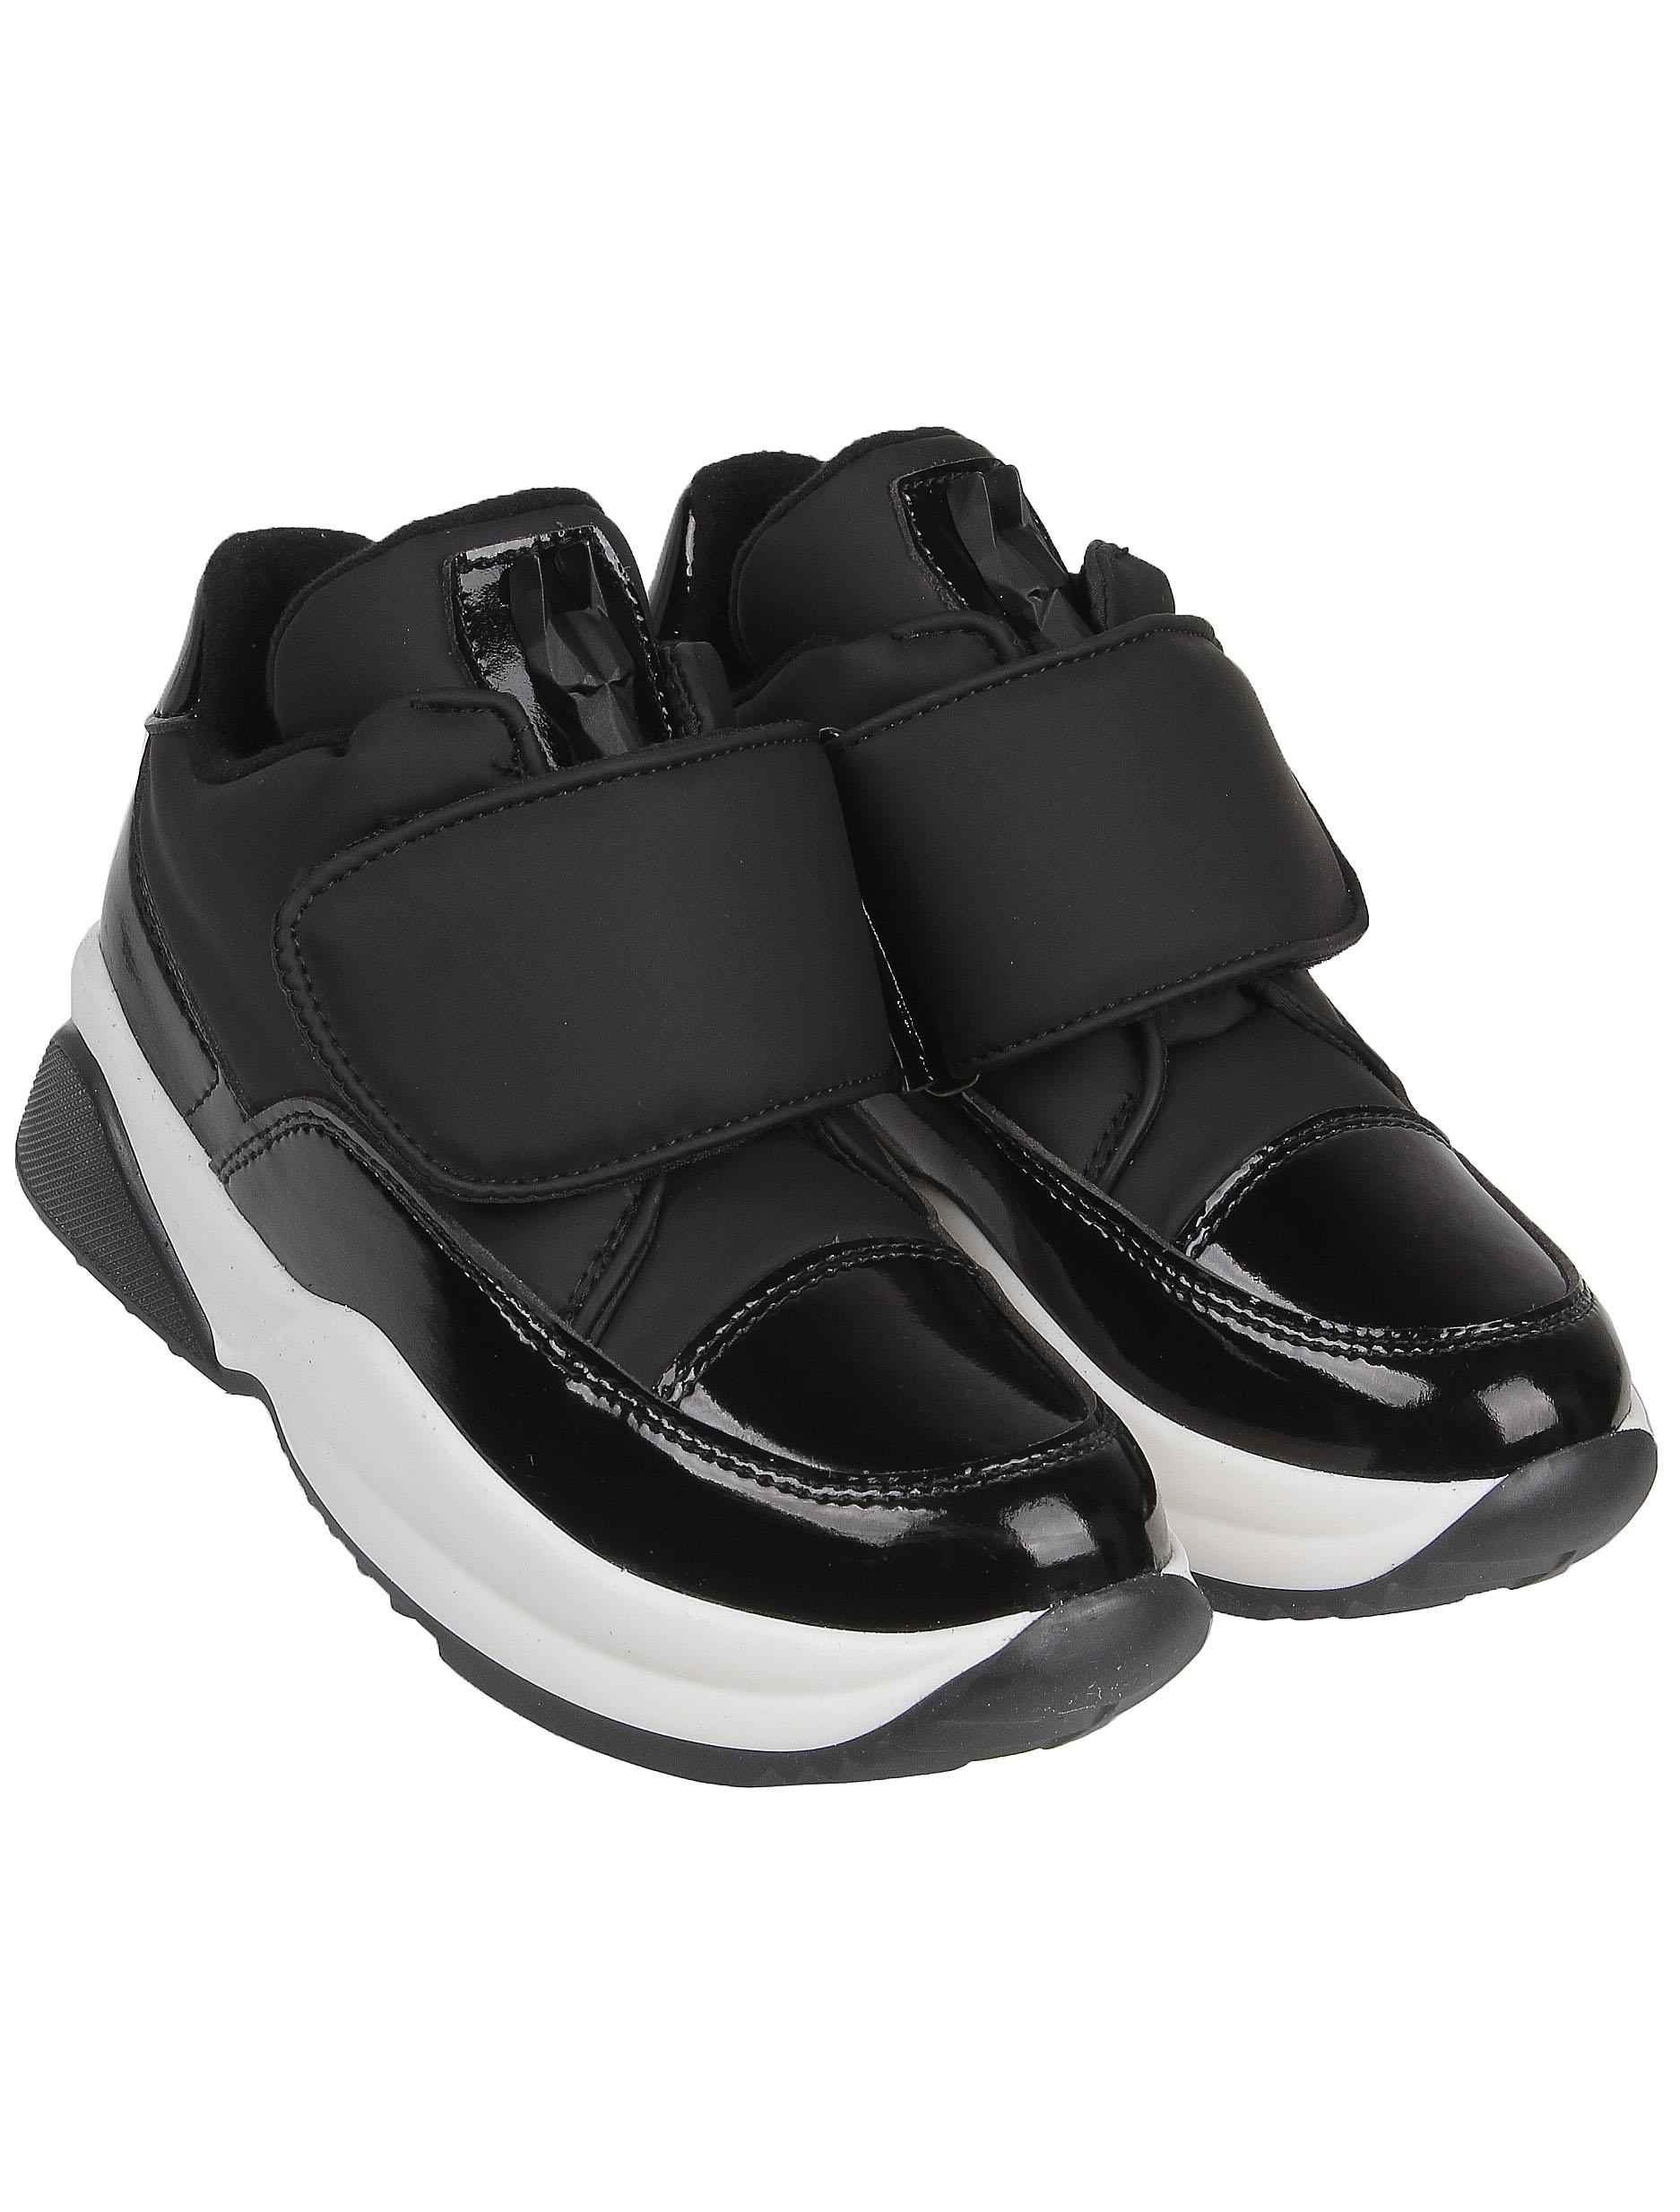 Ботинки Jog Dog 2141132 фото